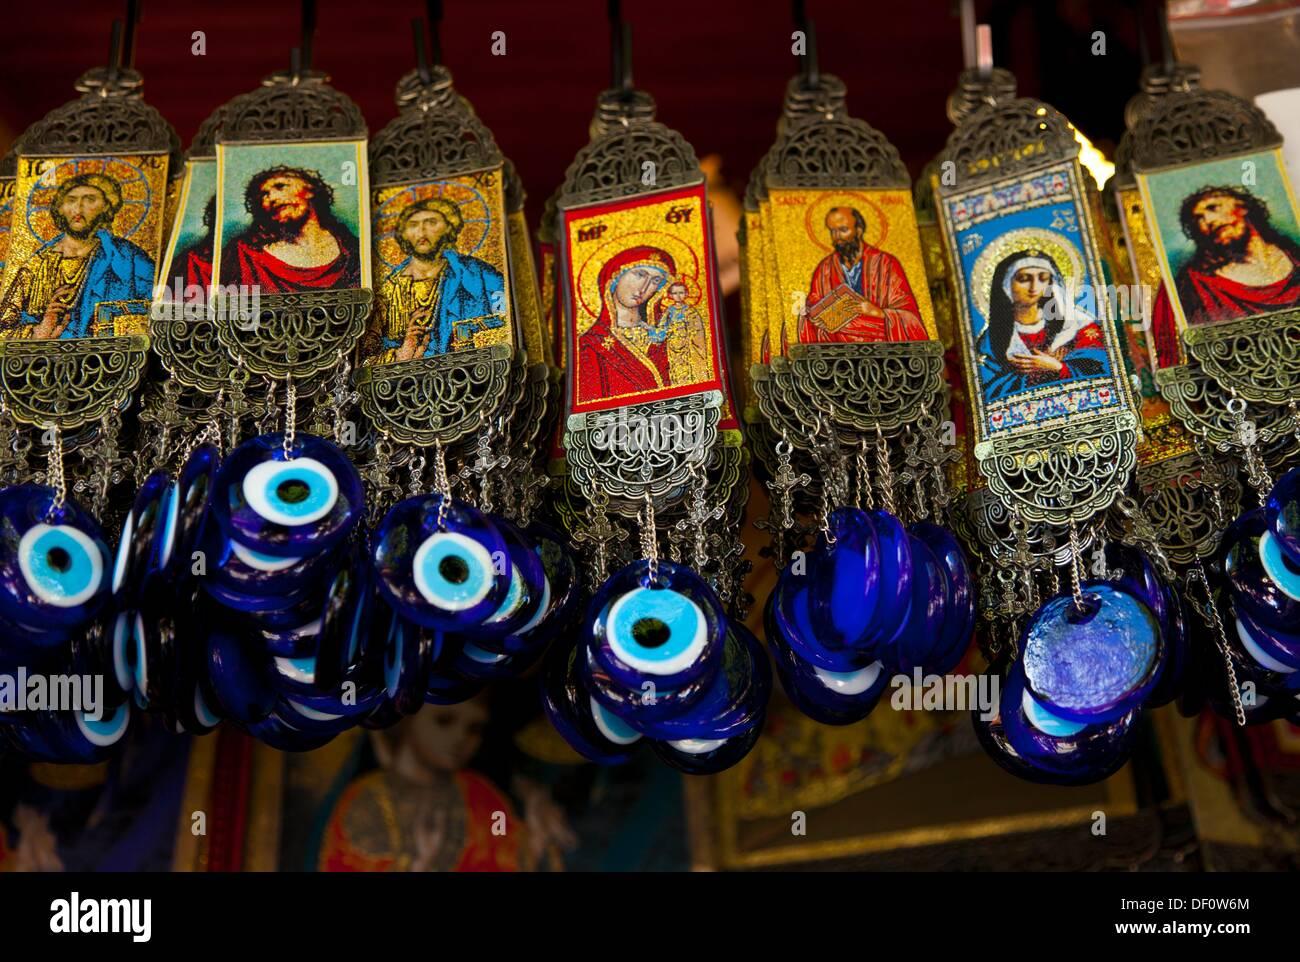 Souvenirs de la Sainte Maison de la Vierge Marie, Selçuk Village, ce moment à Izmir, Izmir, région du Plateau d'Anatolie, en Turquie. Photo Stock